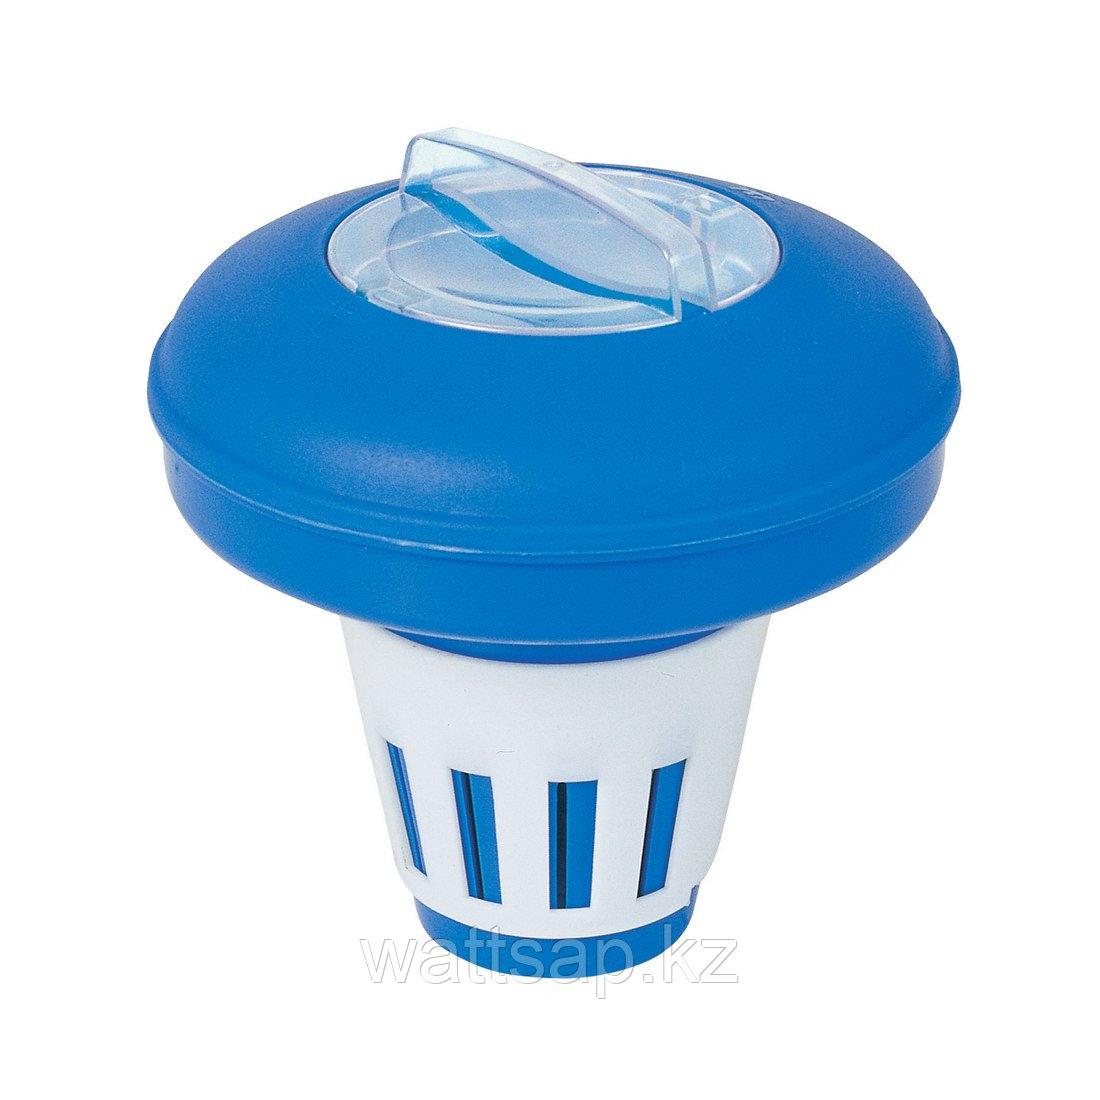 Плавающий дозатор, BESTWAY, 58071, Пластик, Таблетки не входят в комплект, Бело-Синий, Цветная коробка